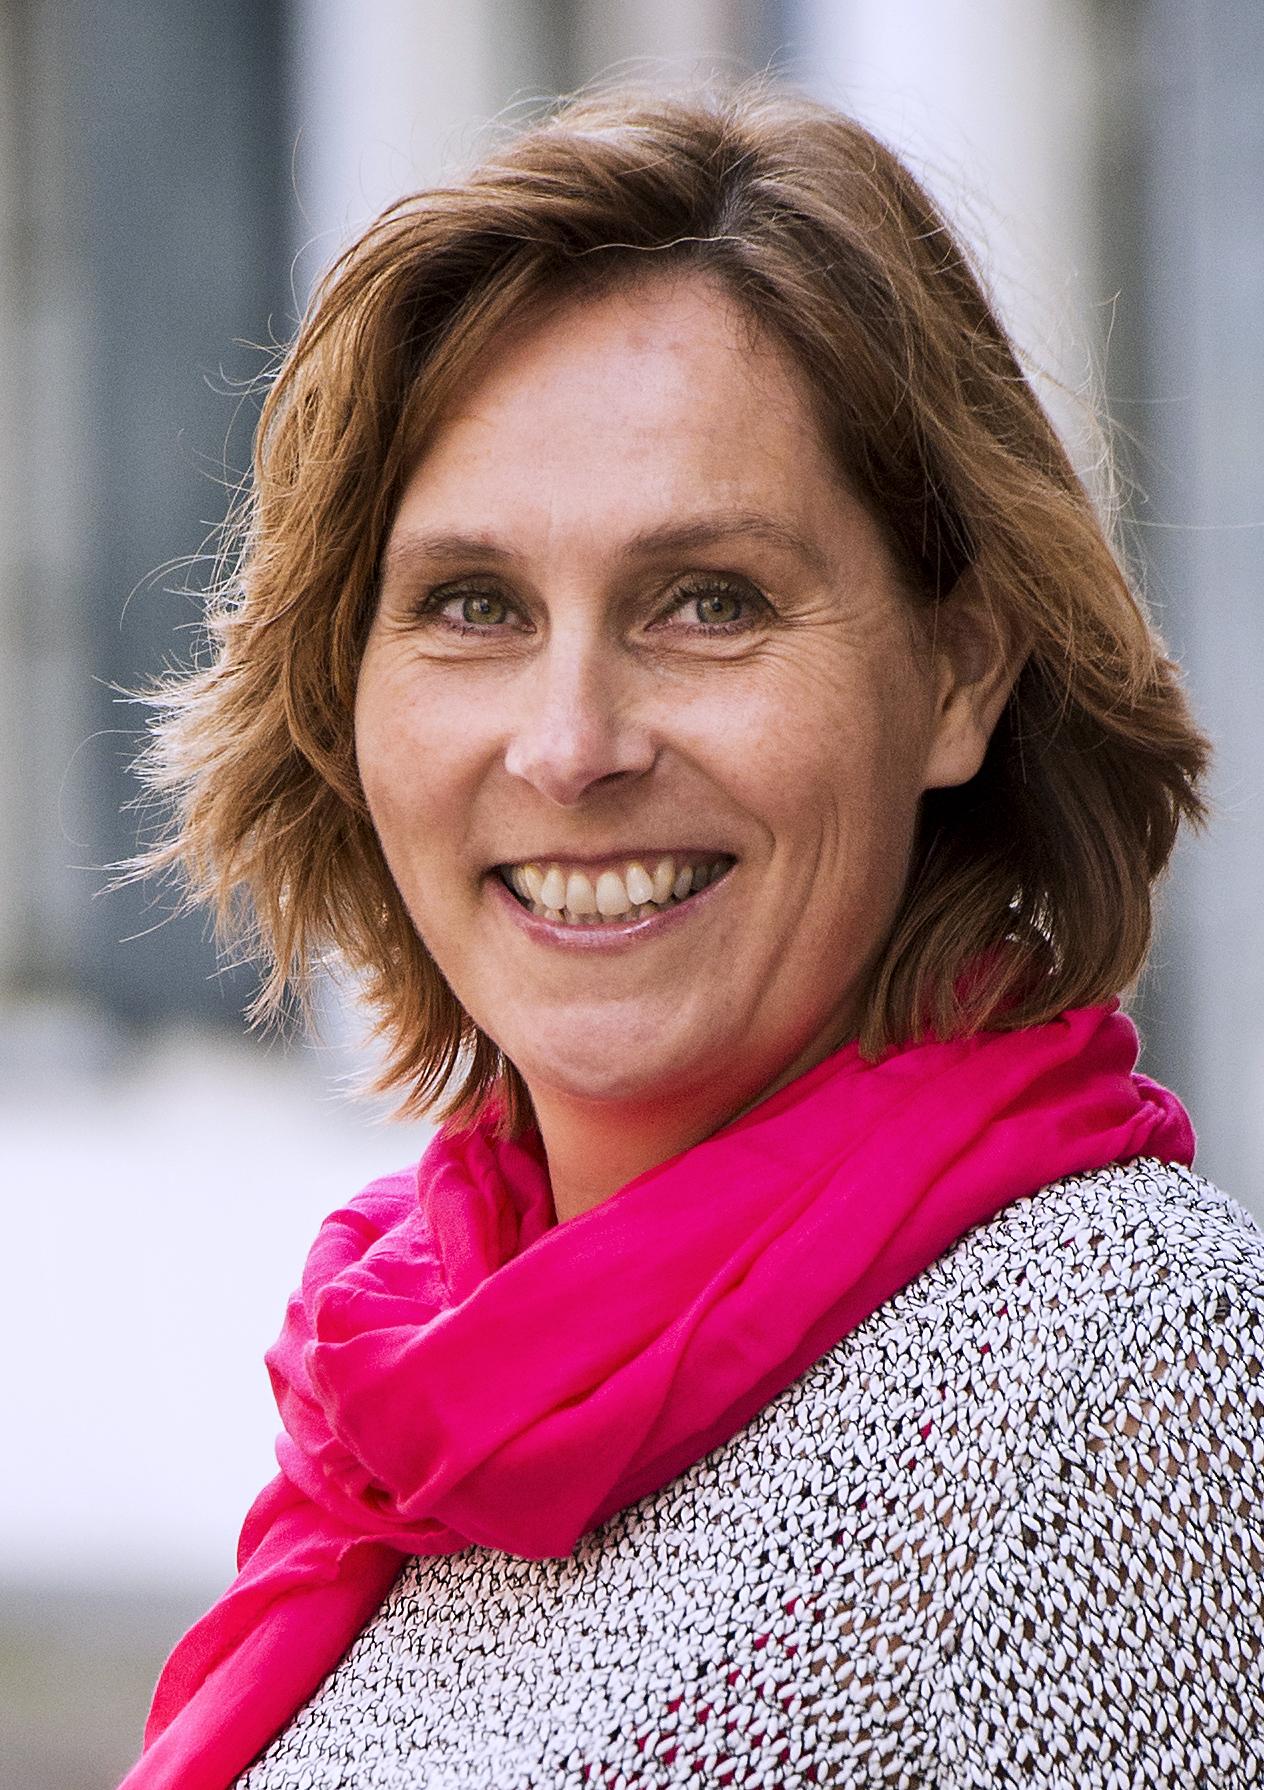 Miriam Vijge